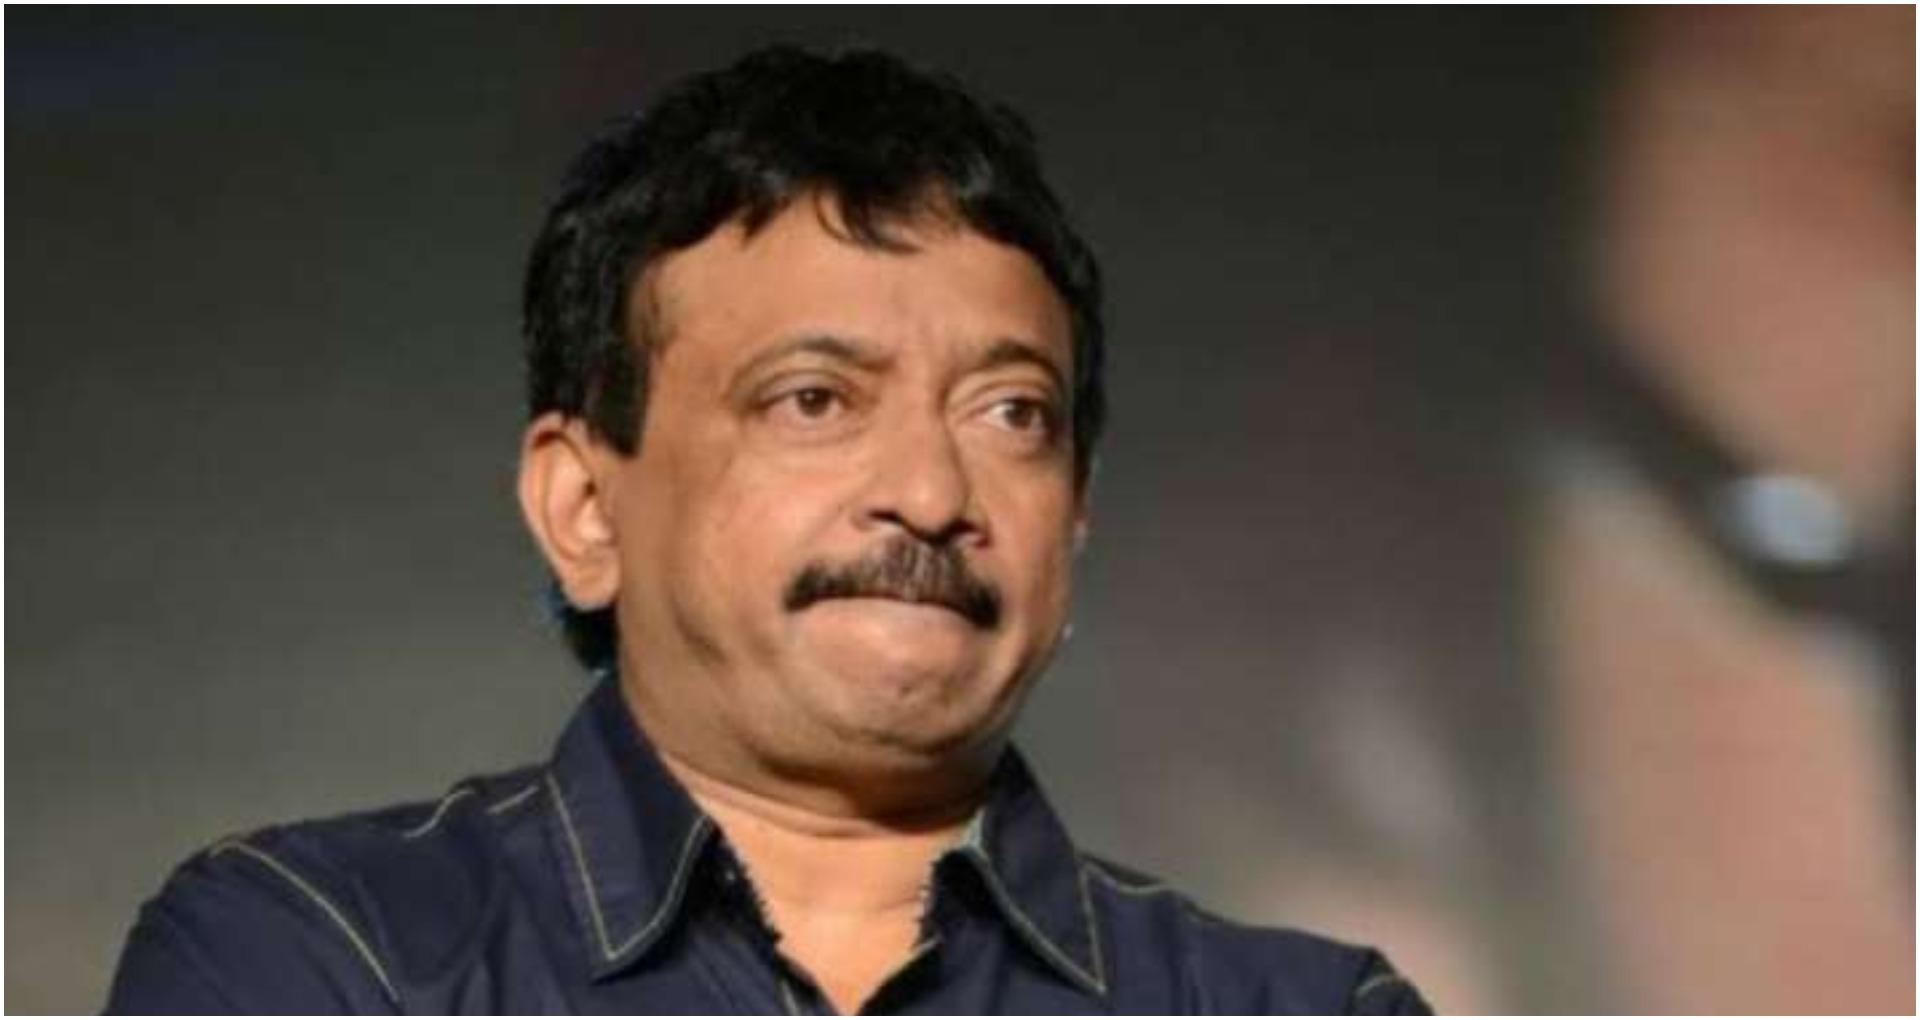 राम गोपाल वर्मा की बढ़ सकती हैं मुश्किलें, 'ऑनर किलिंग' पर फिल्म बनाने को लेकर शिकायत हुई दर्ज